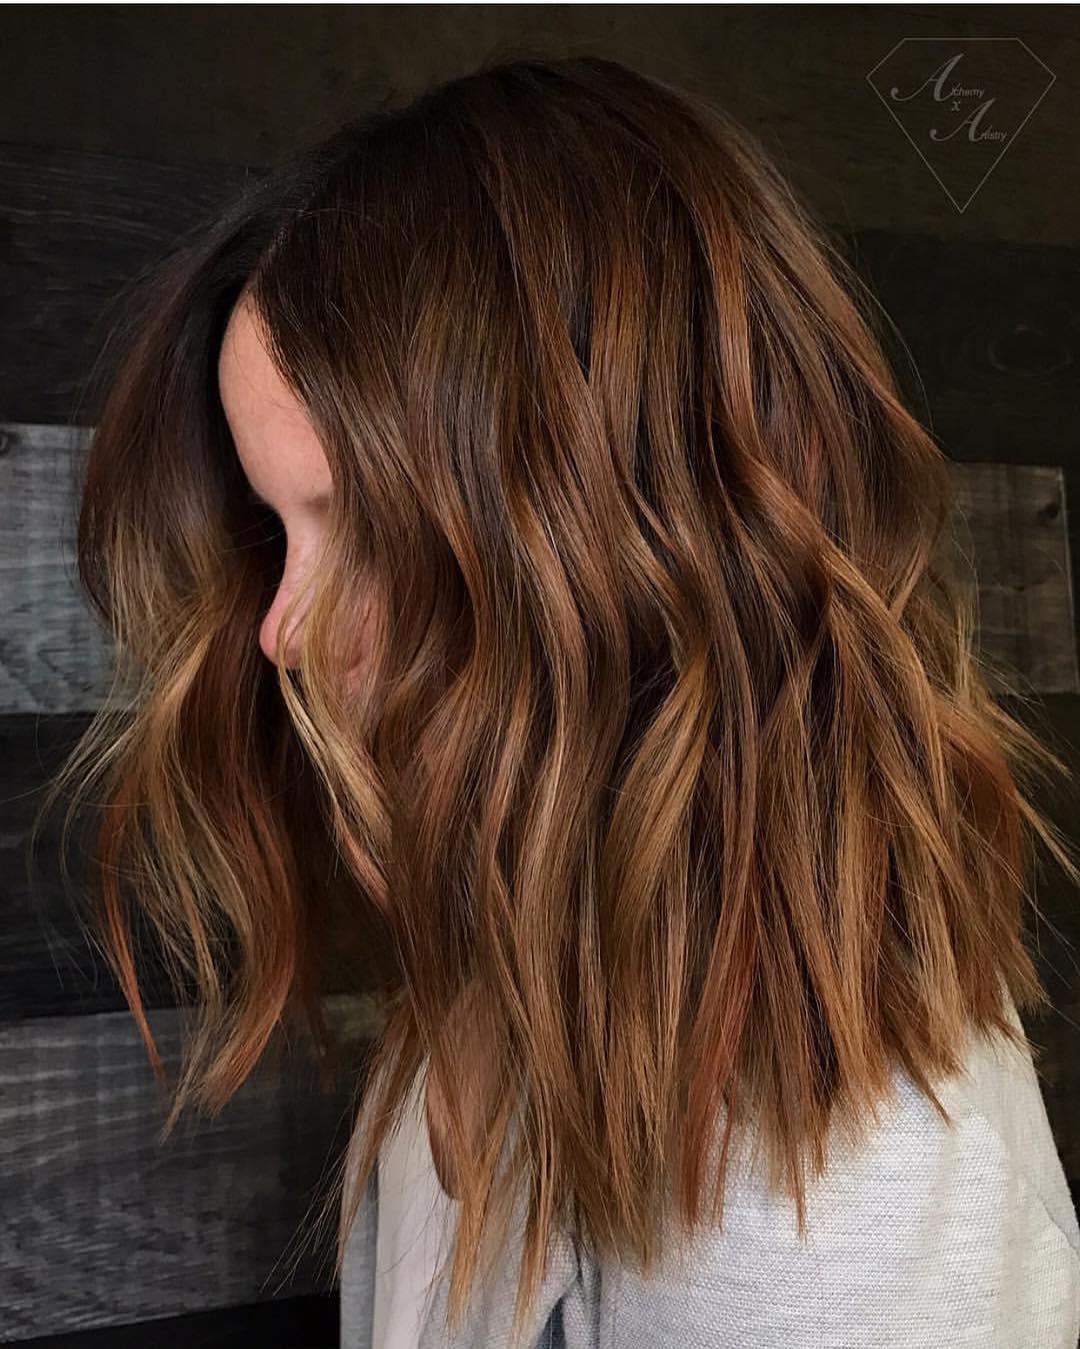 Трендовый цвет волос 2019 года: главные оттенки-Фото 3